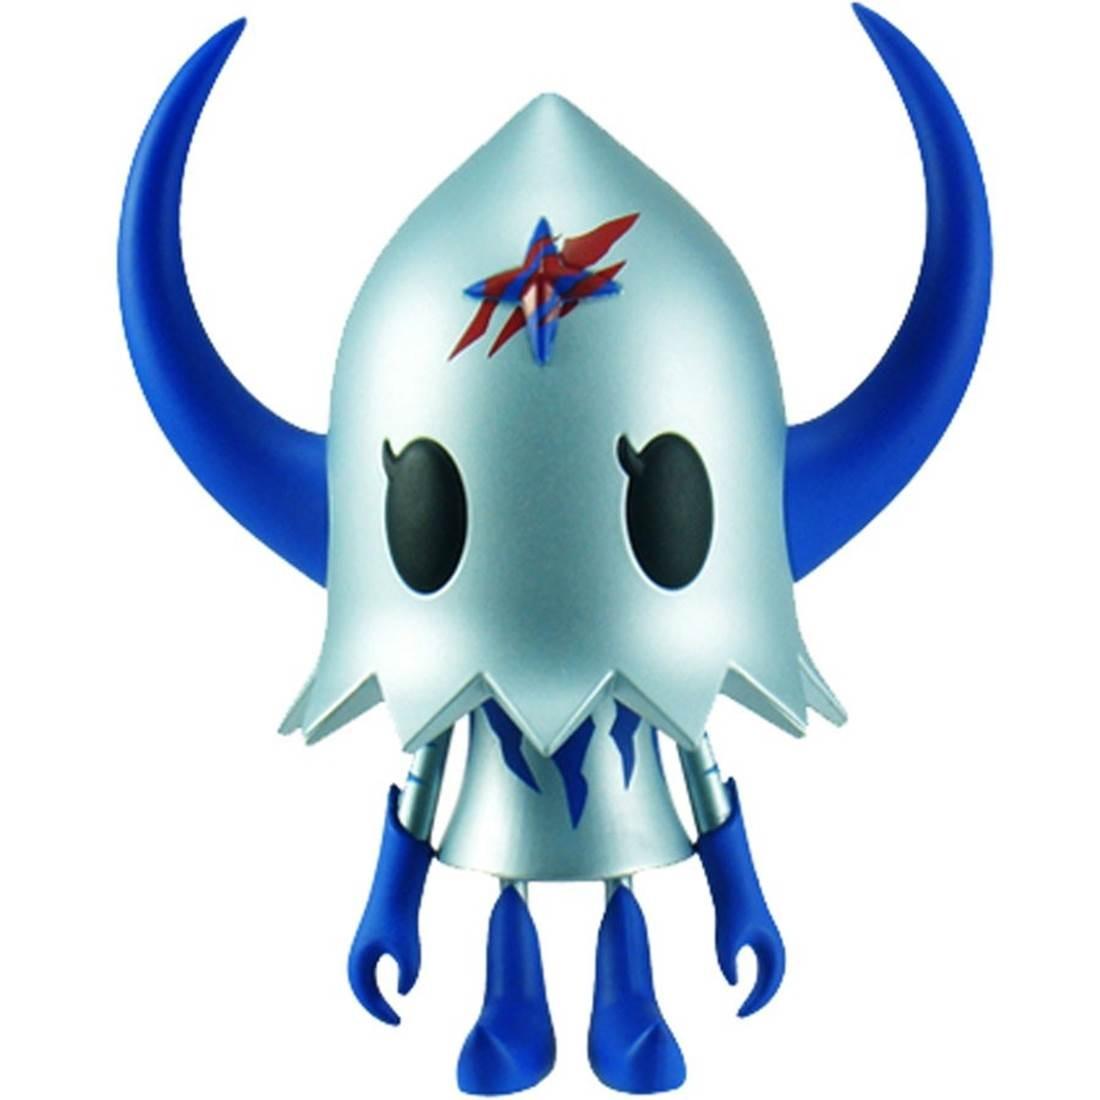 Devilrobots Evirob Figure (silver / blue) - BAIT SDCC Exclusive